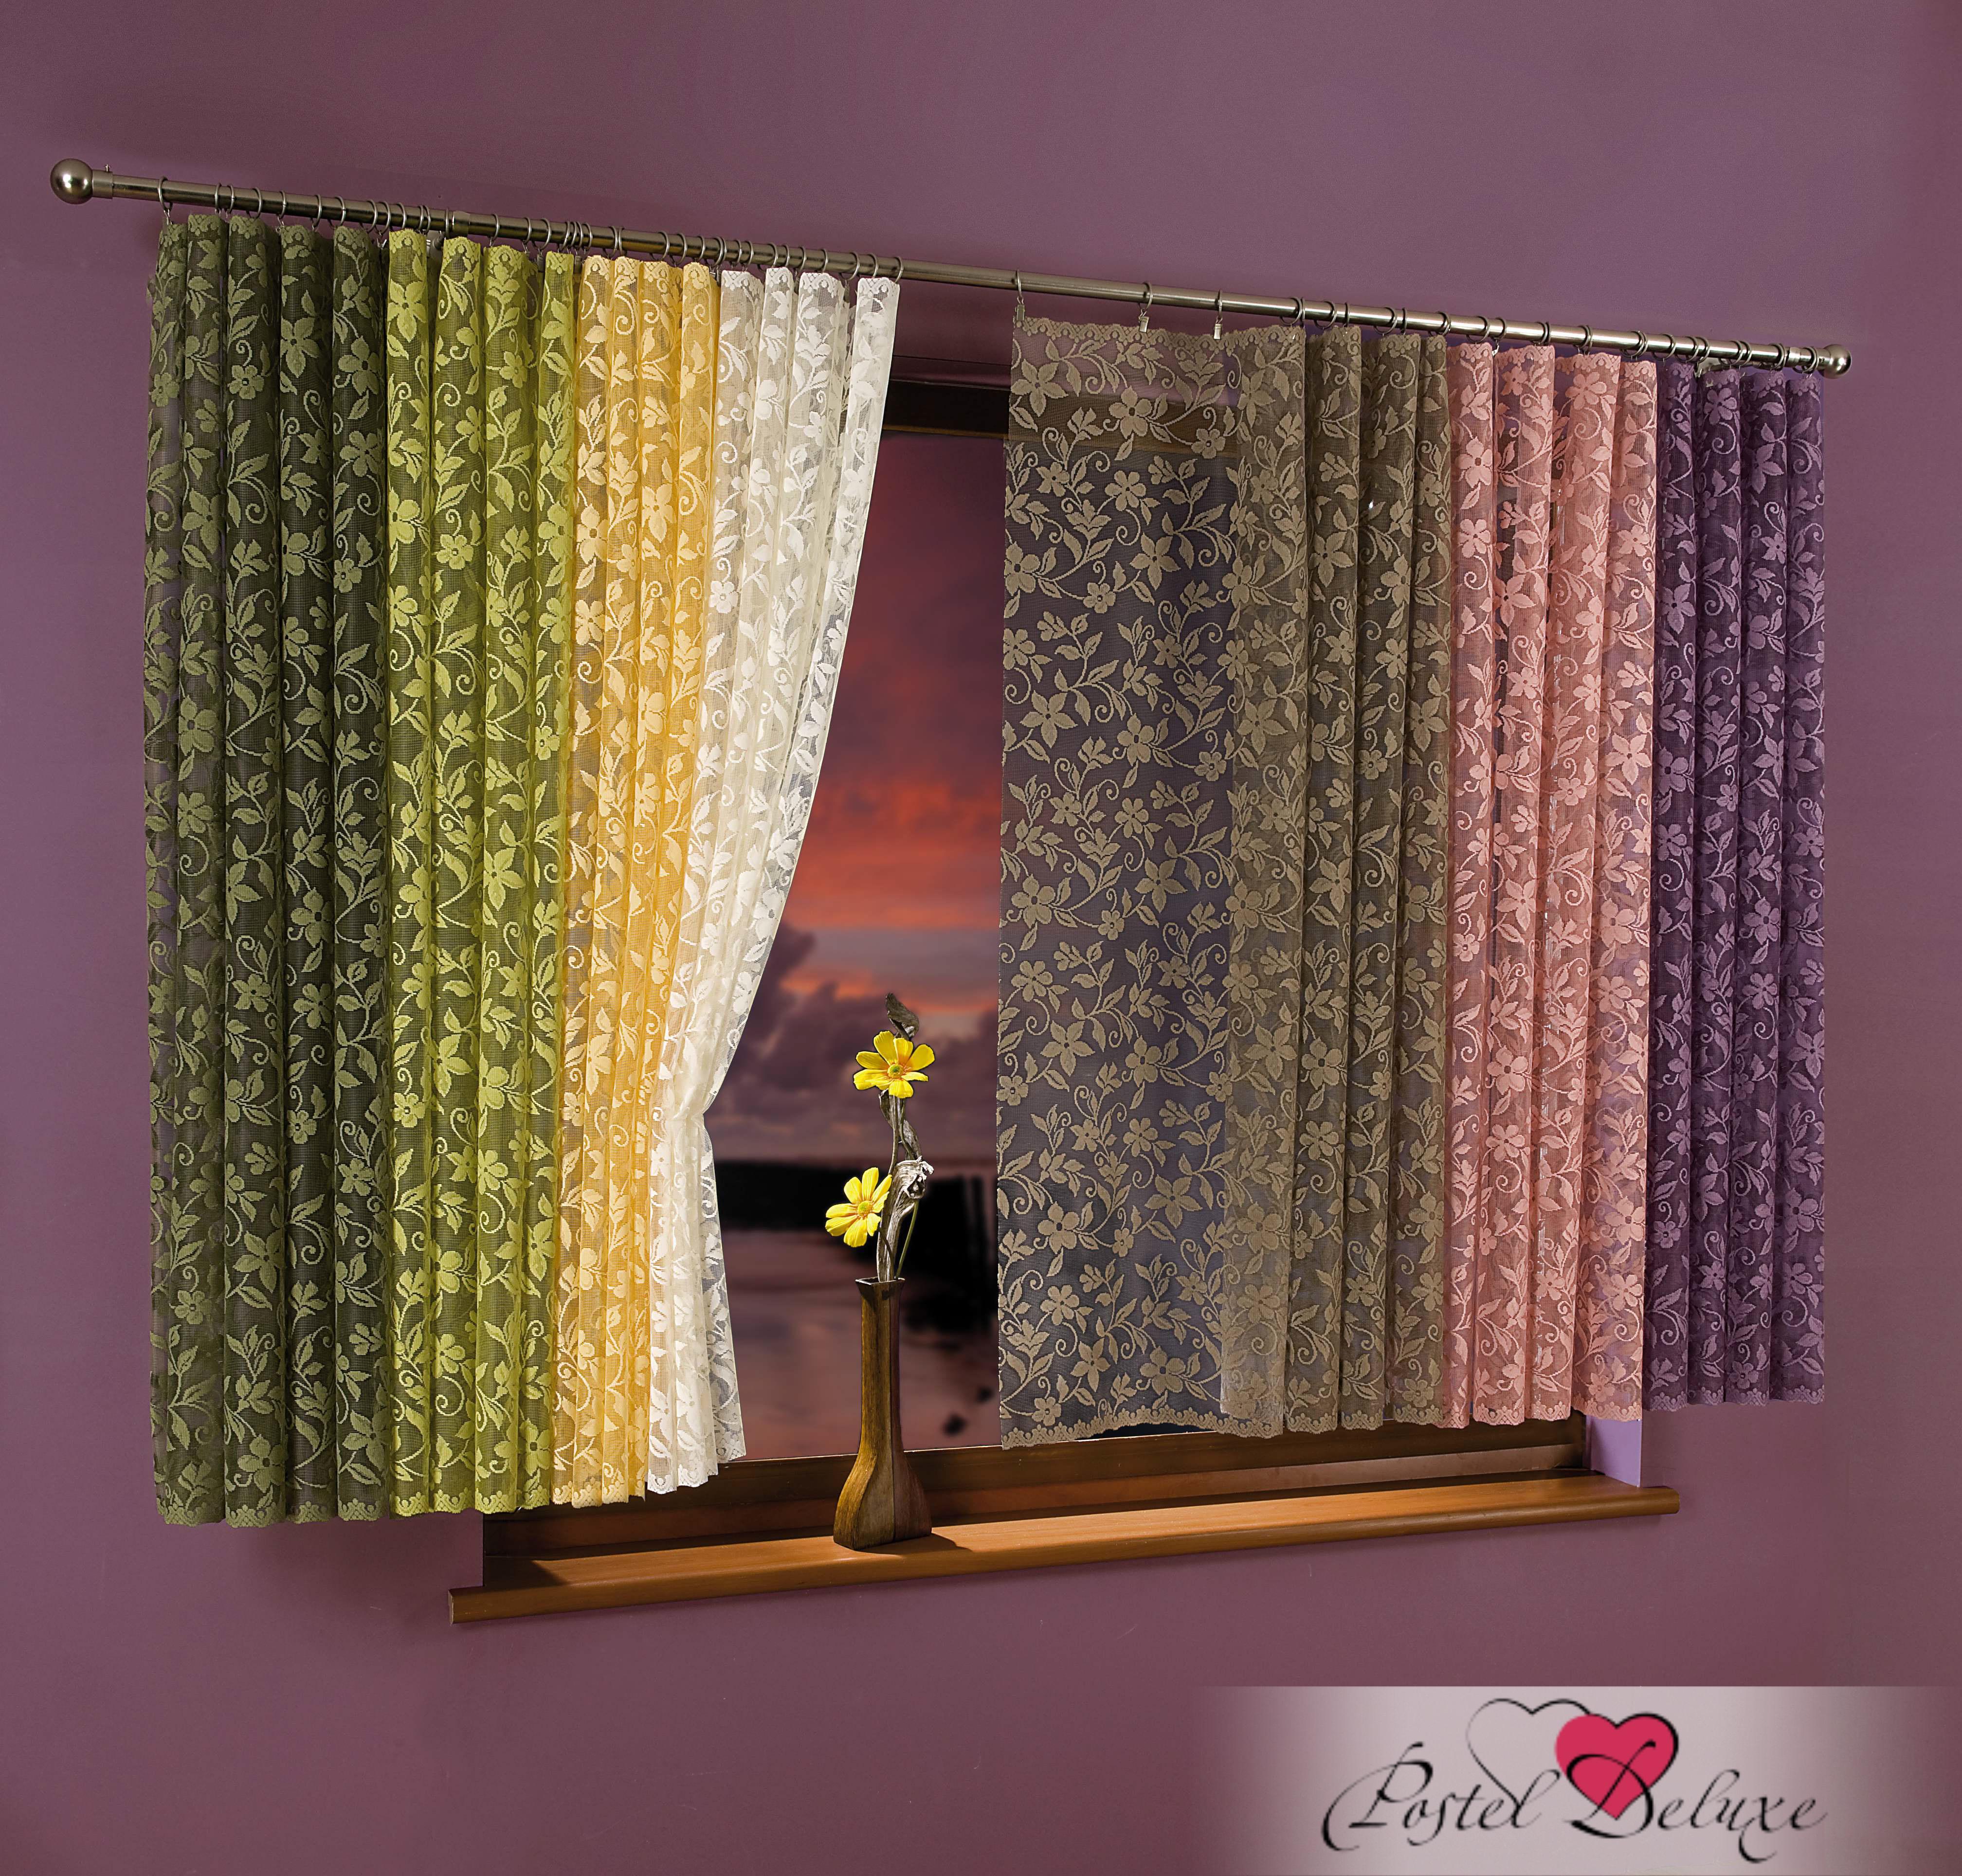 Шторы Wisan Классическиешторы TristanaЦвет: Розовый шторы tac классические шторы глянец цвет портьер розовый цвет тюля белый с бежевой полоской